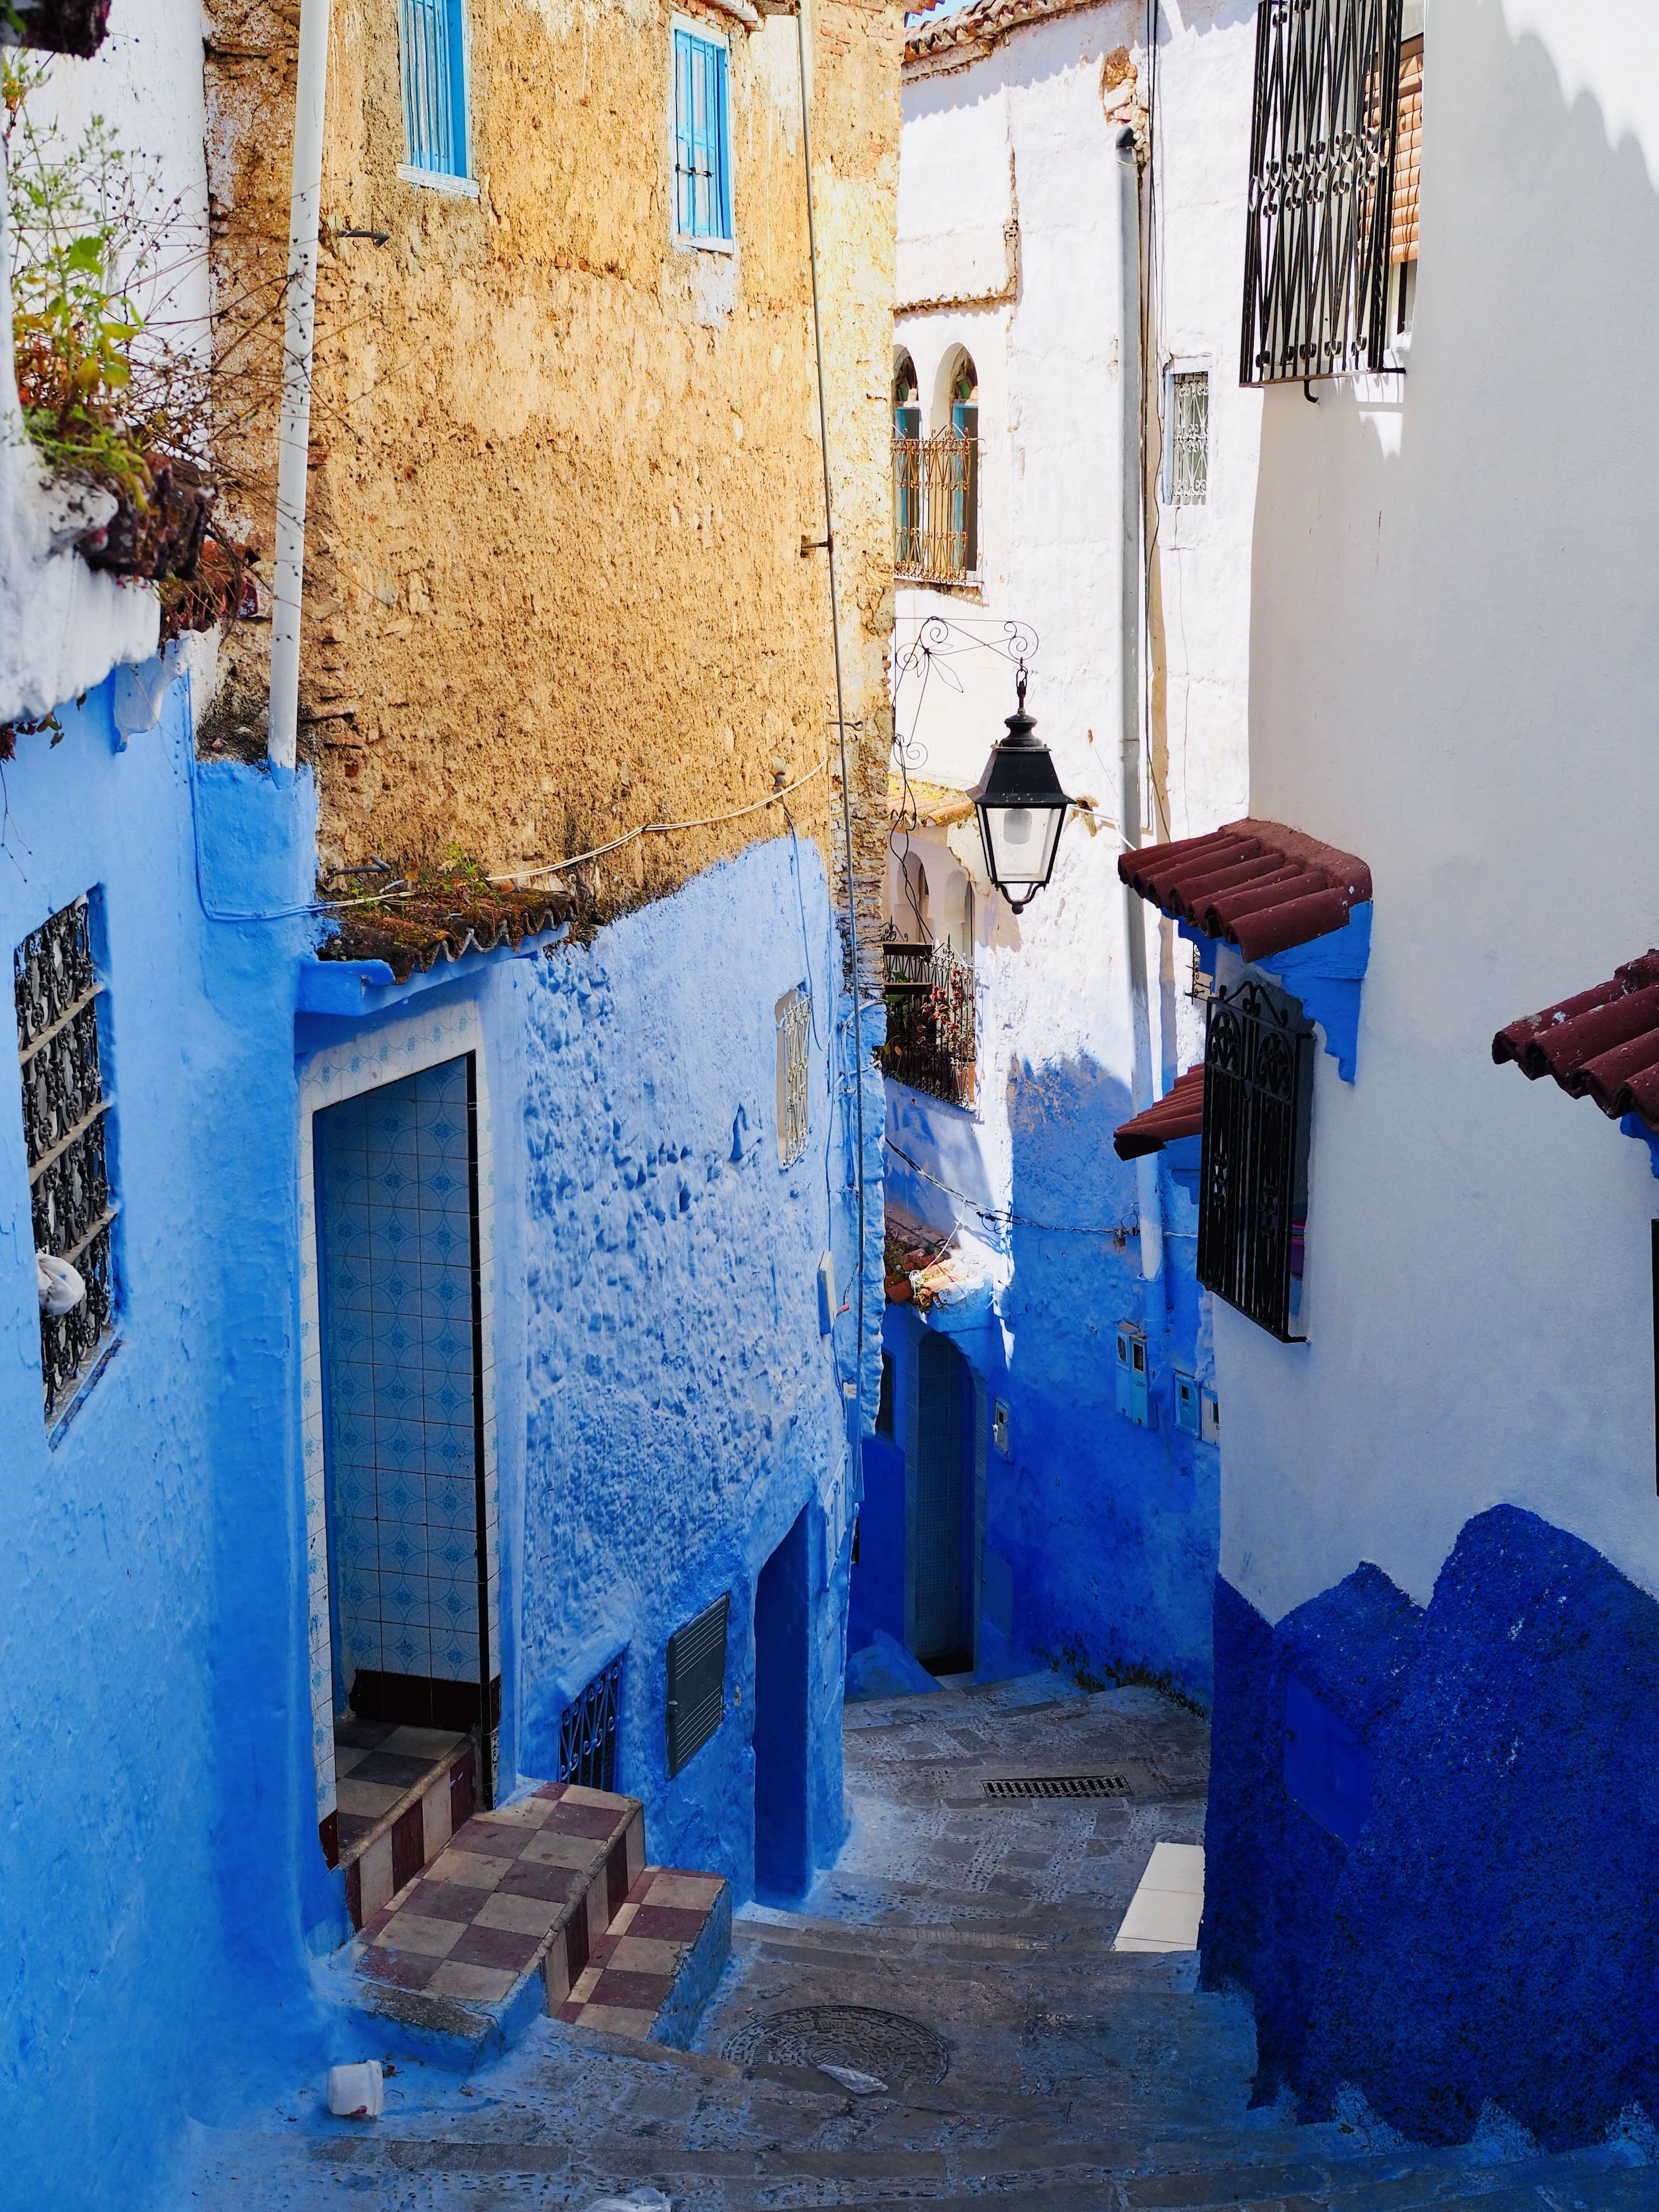 chefchaouen-ville-bleue-maroc